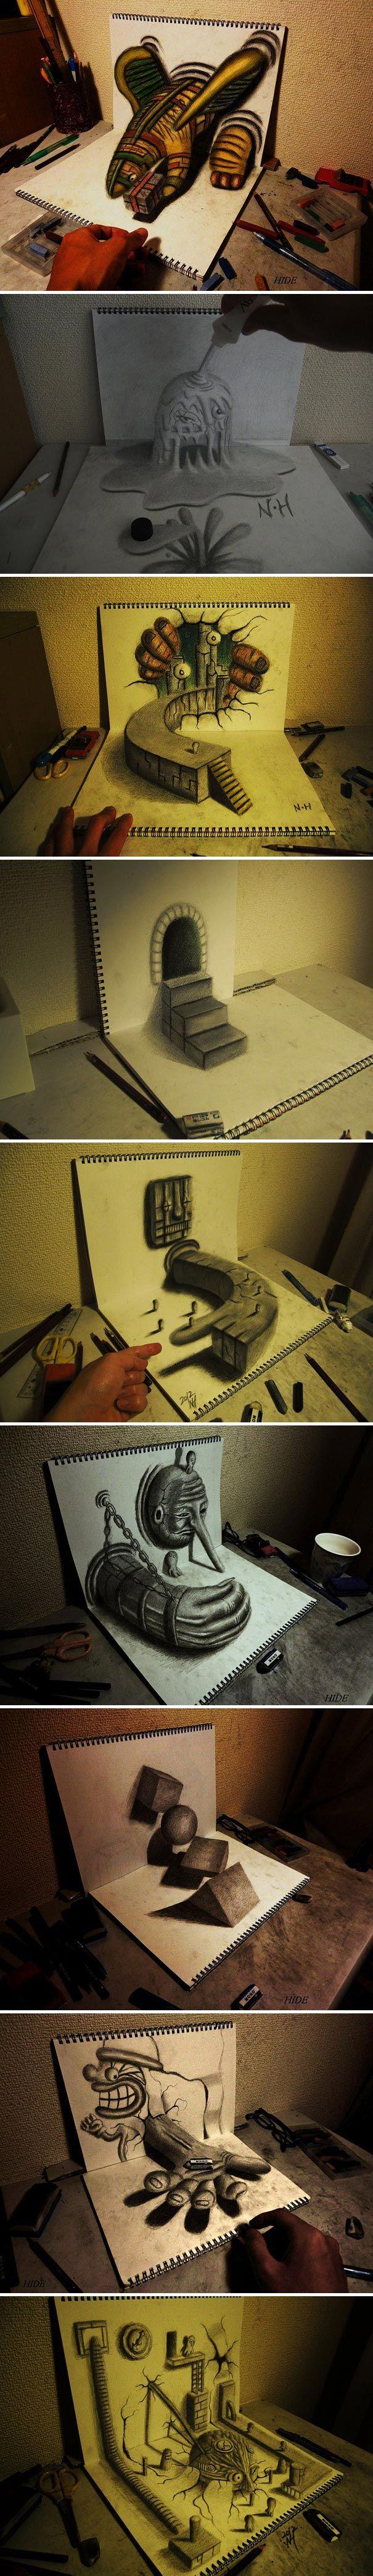 Incredibili disegni, con effetto 3D, realizzati a matita dall'artista Nagai Hideyuki